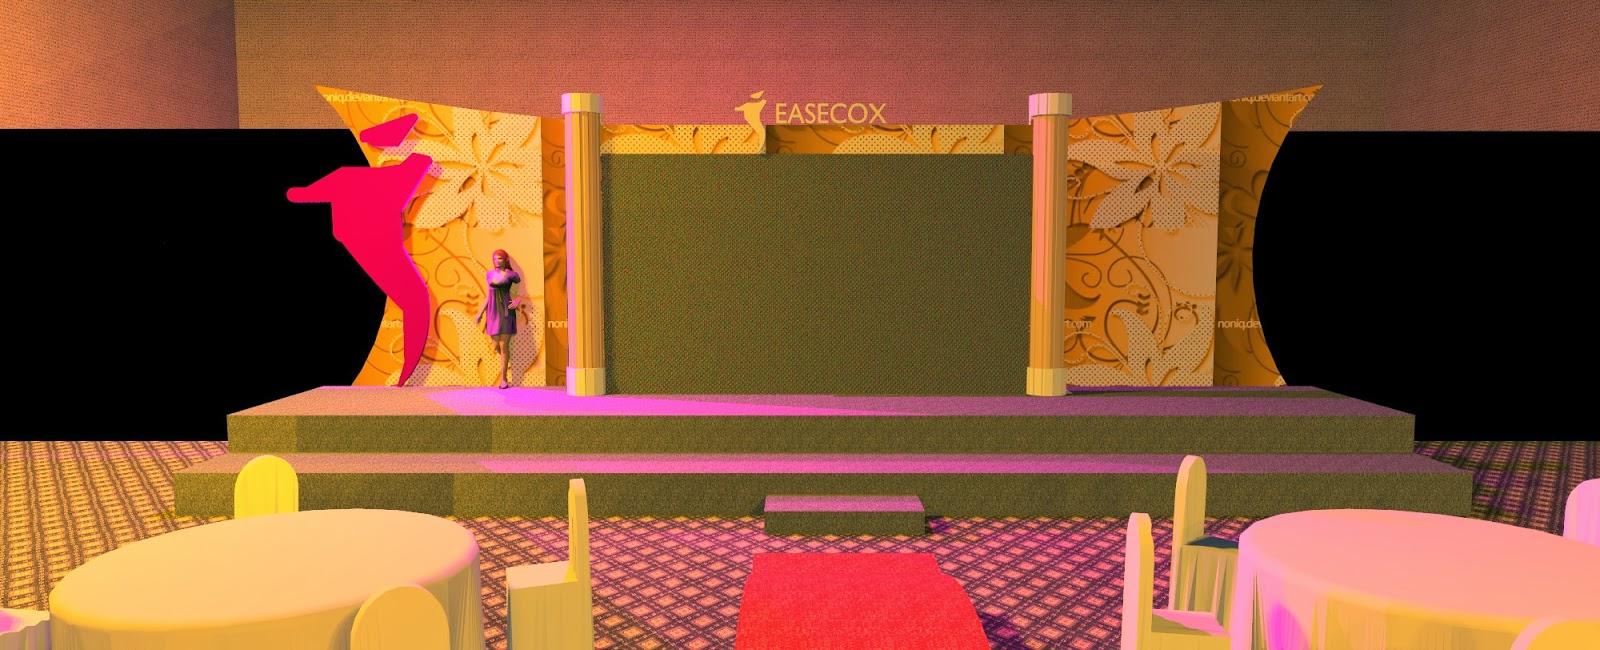 23 Contoh Desain Dekorasi Panggung Indoor Model Desain Rumah Minimalis Desain panggung minimalis